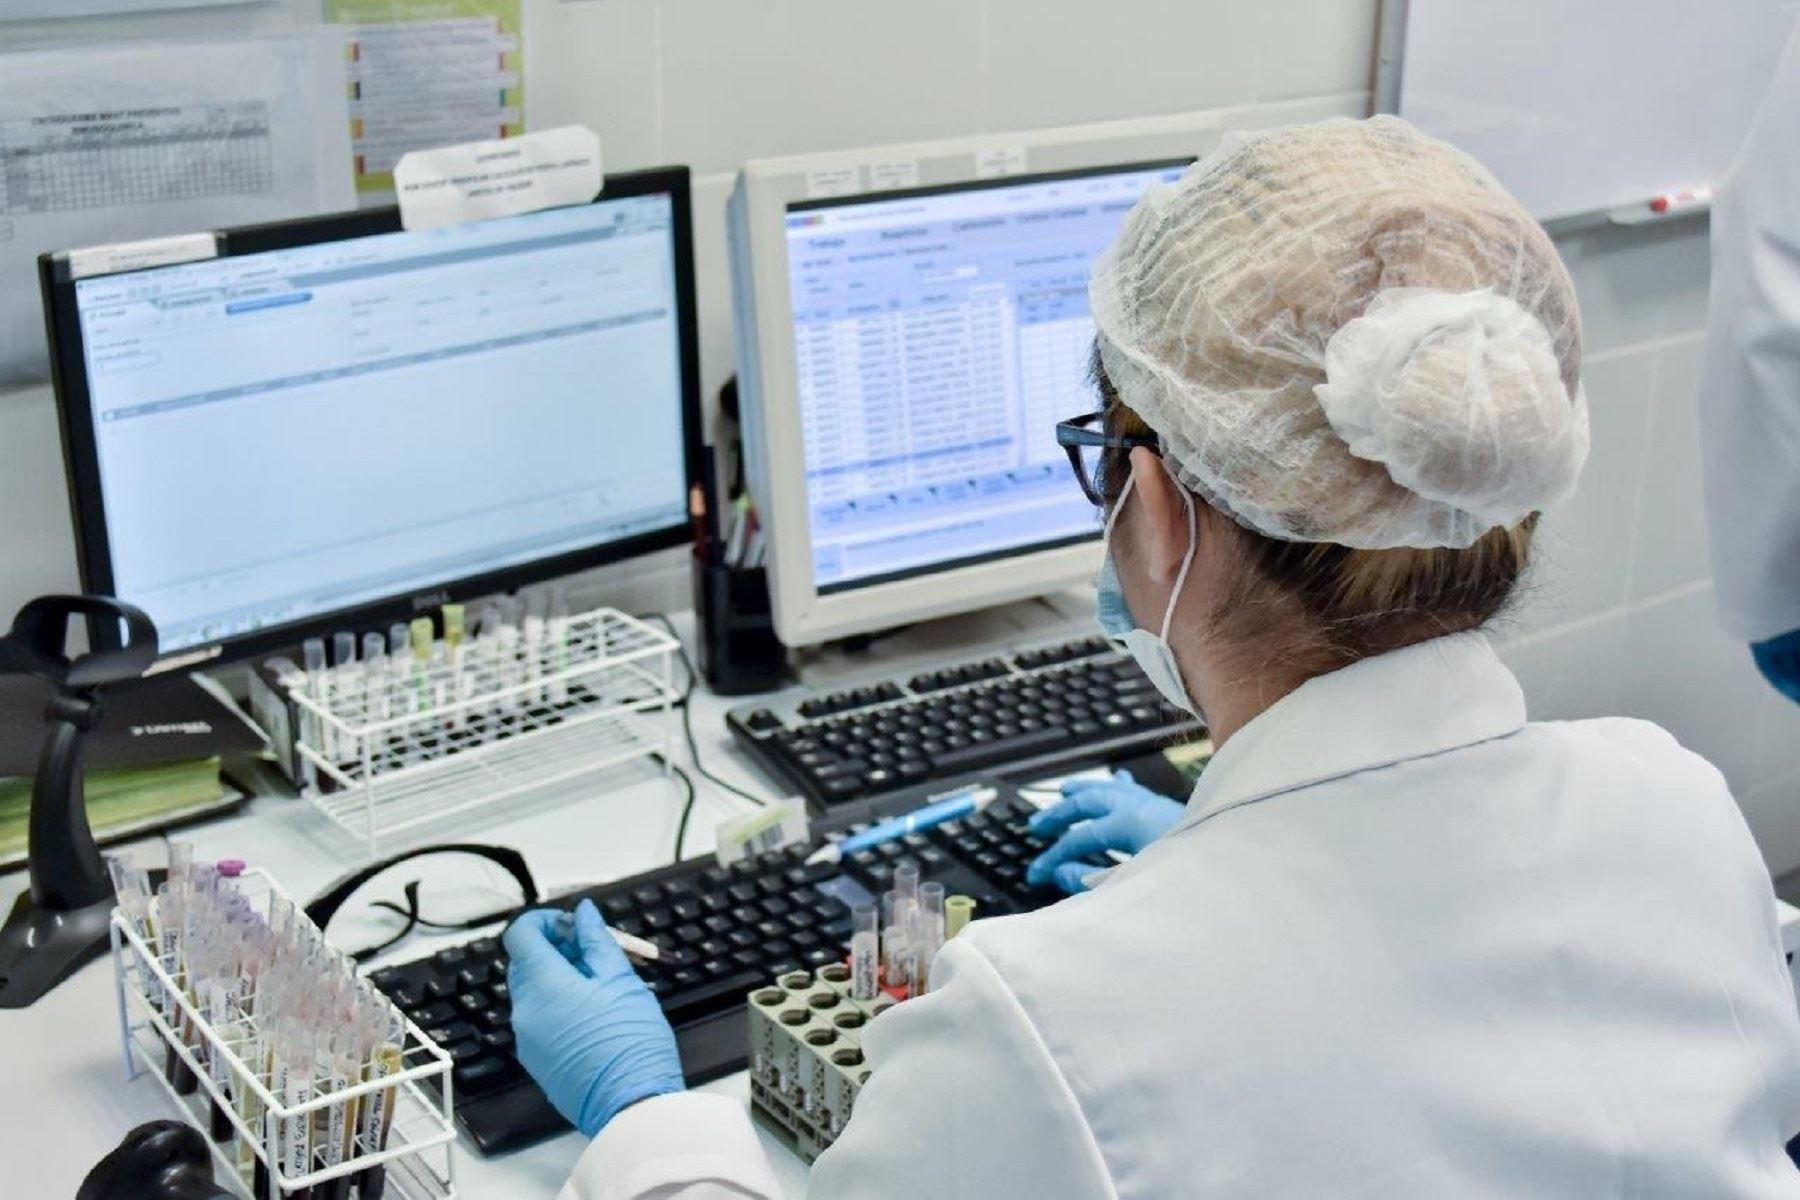 Buscan asegurar calidad yconfianza en resultados de laboratorios clínicos Foto: Inacal